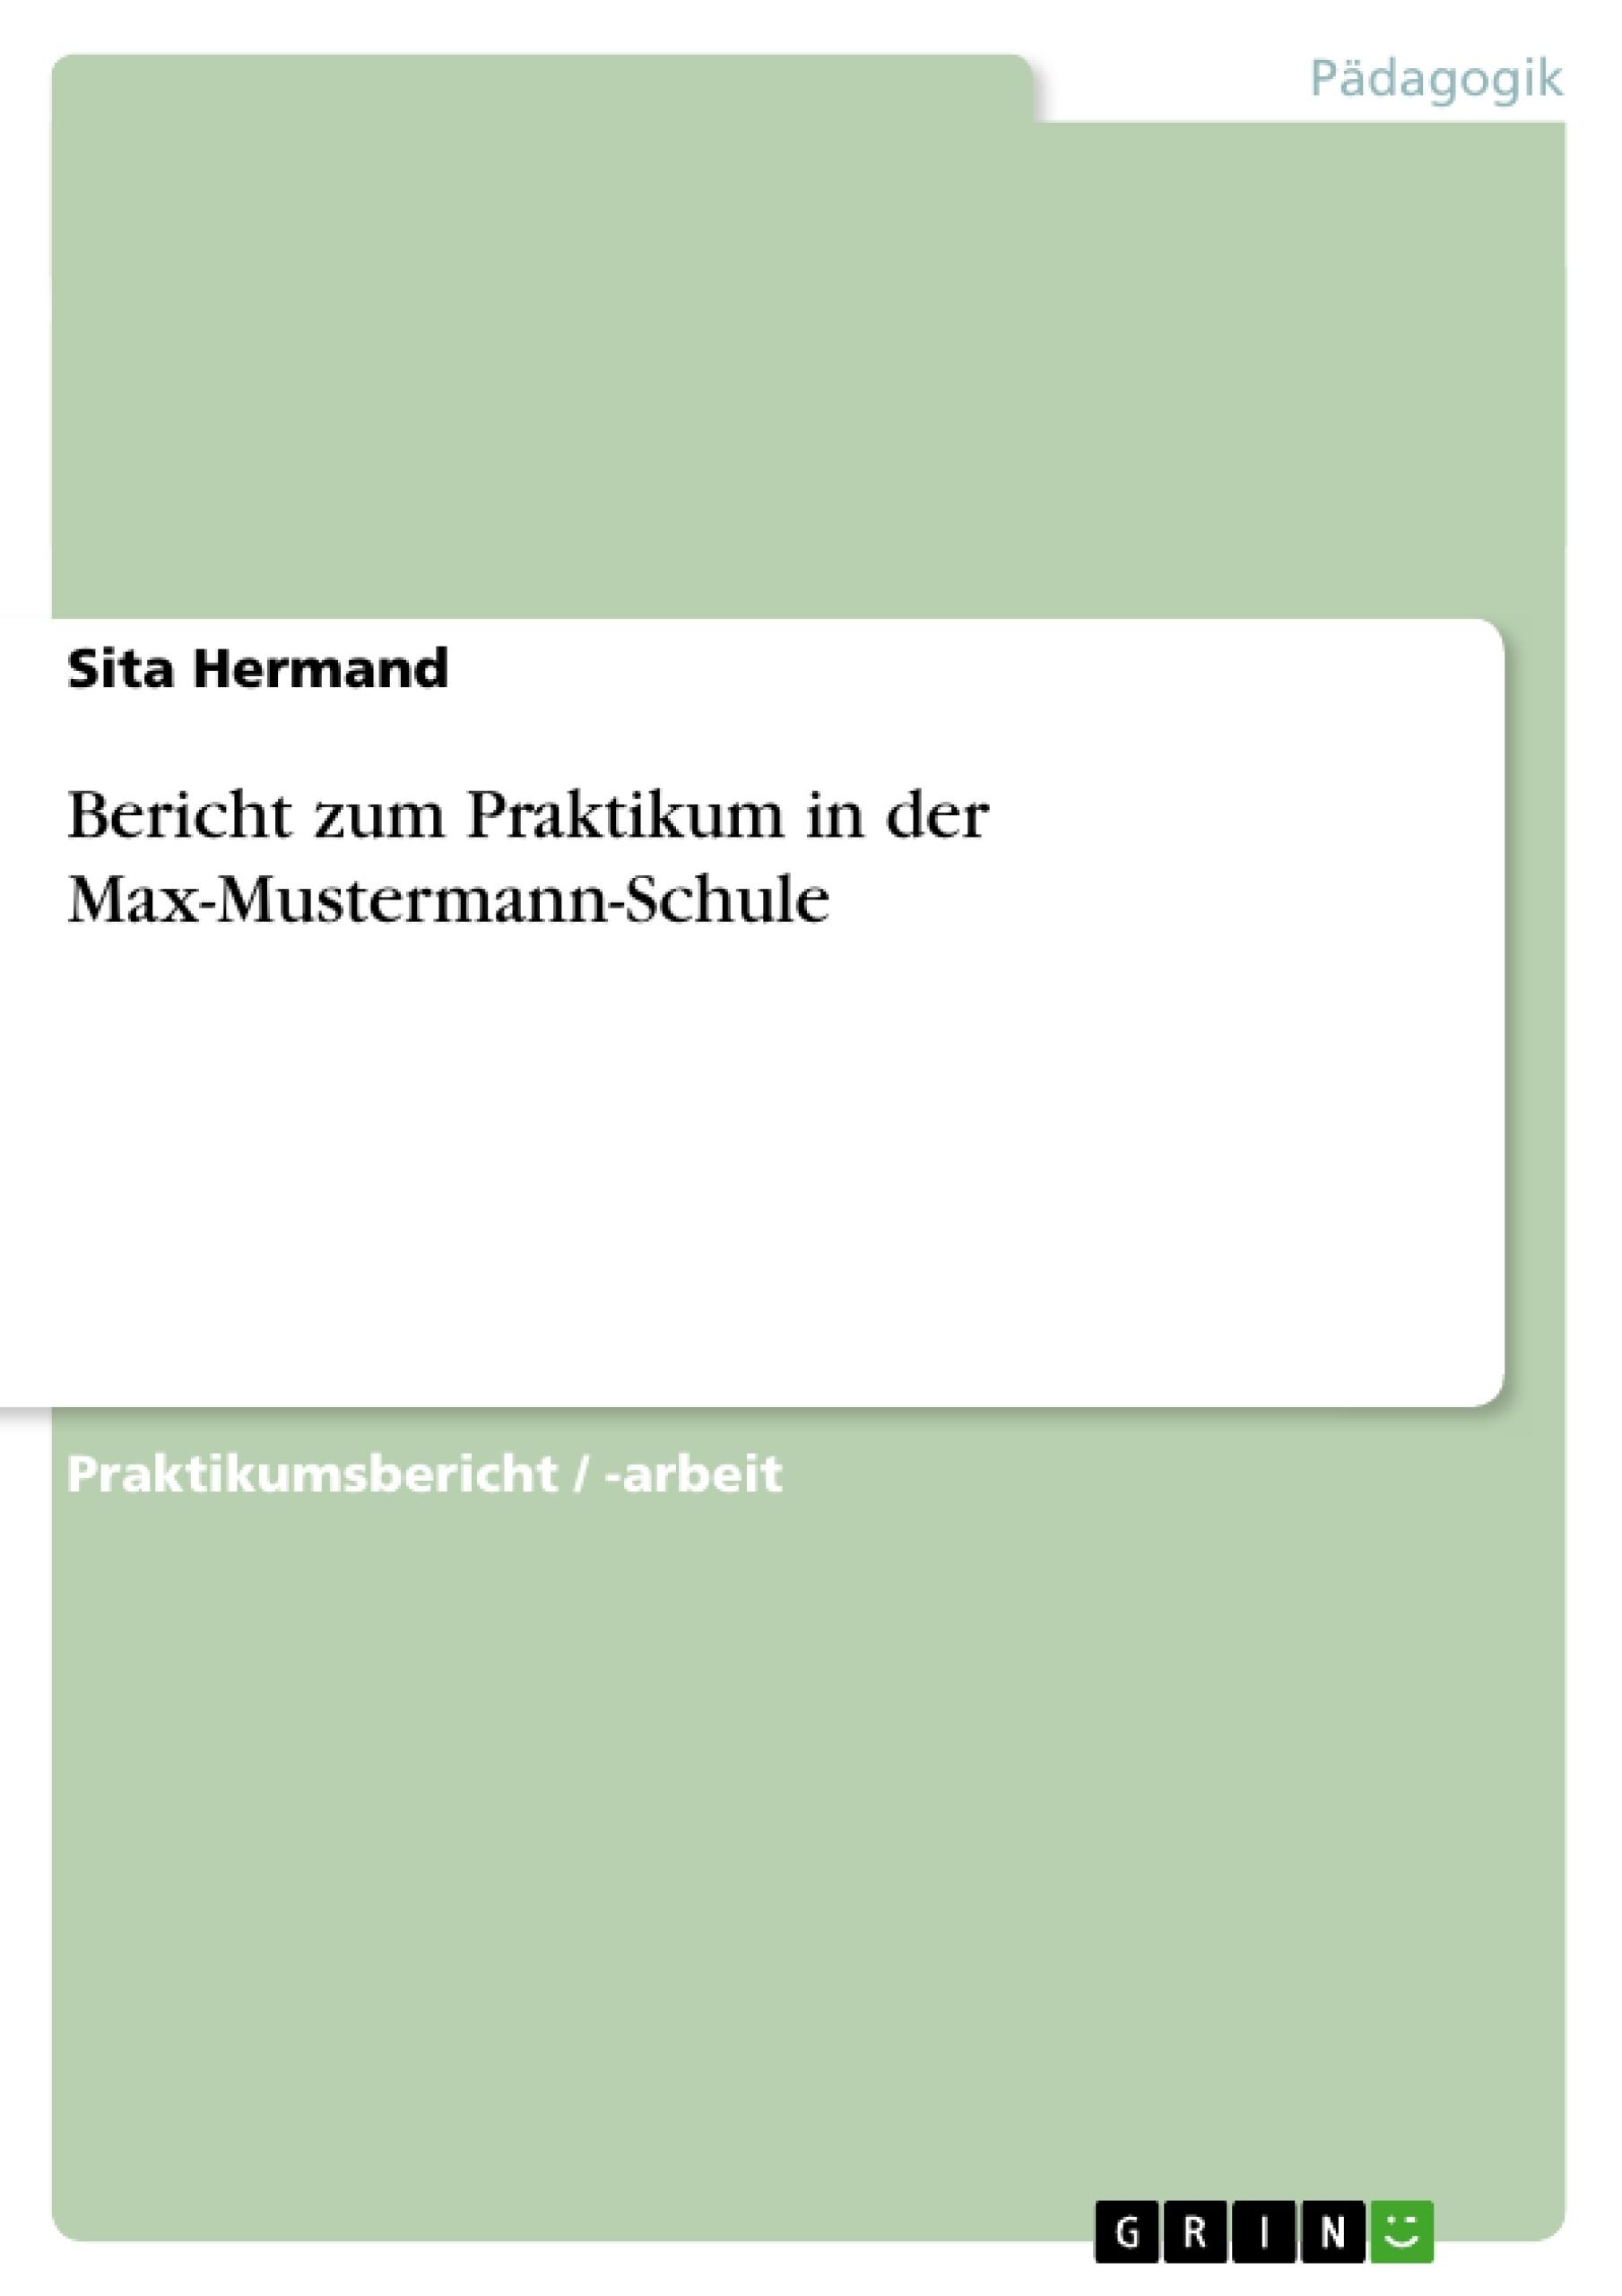 Titel: Bericht zum Praktikum in der Max-Mustermann-Schule